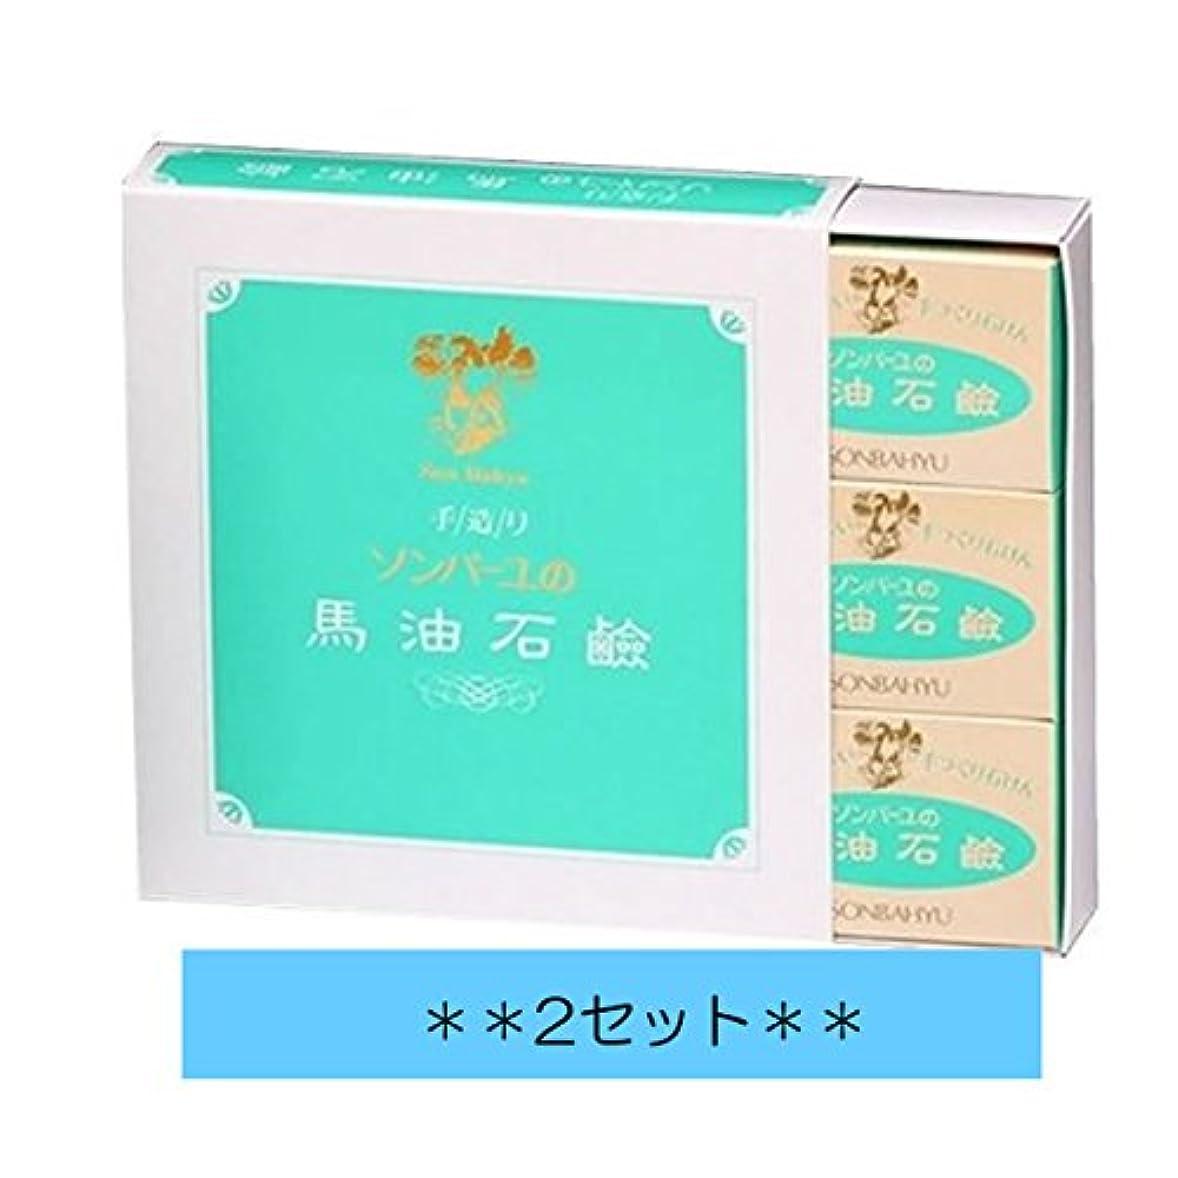 失礼な有能な平野【2箱セット】ソンバーユ石鹸 85g×6個